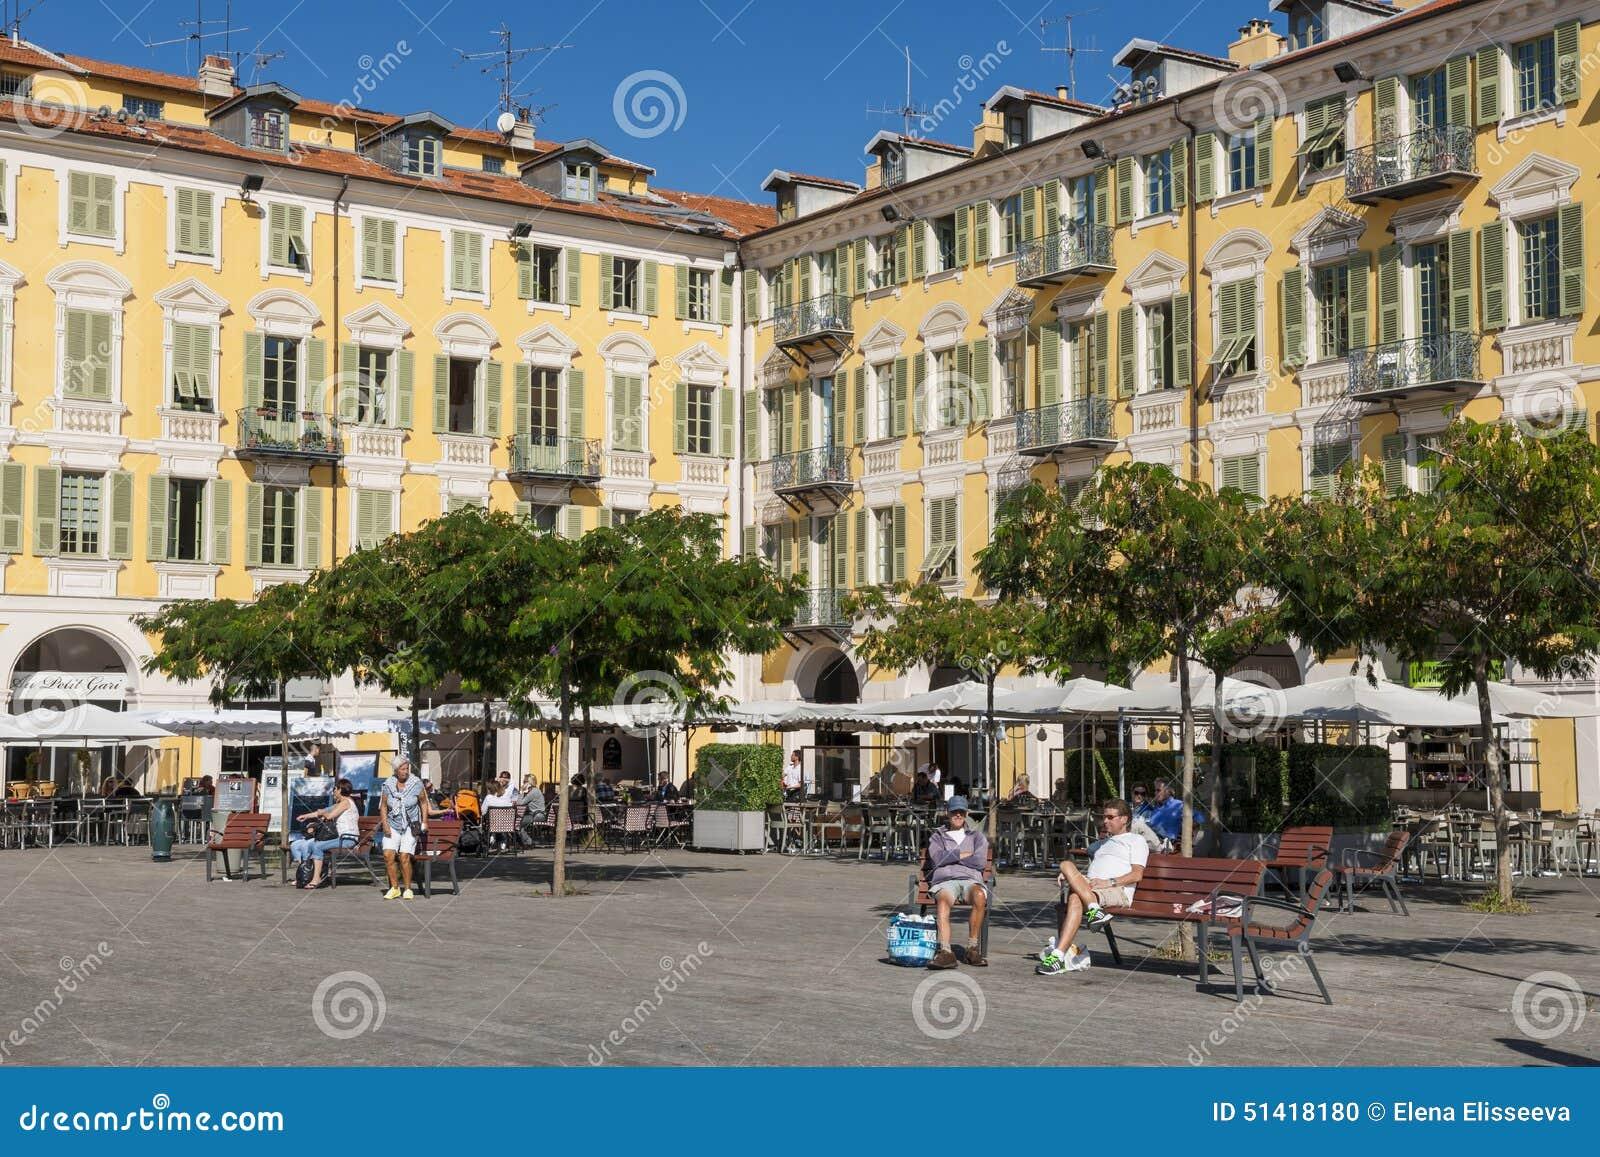 Garibaldi Nice Restaurant